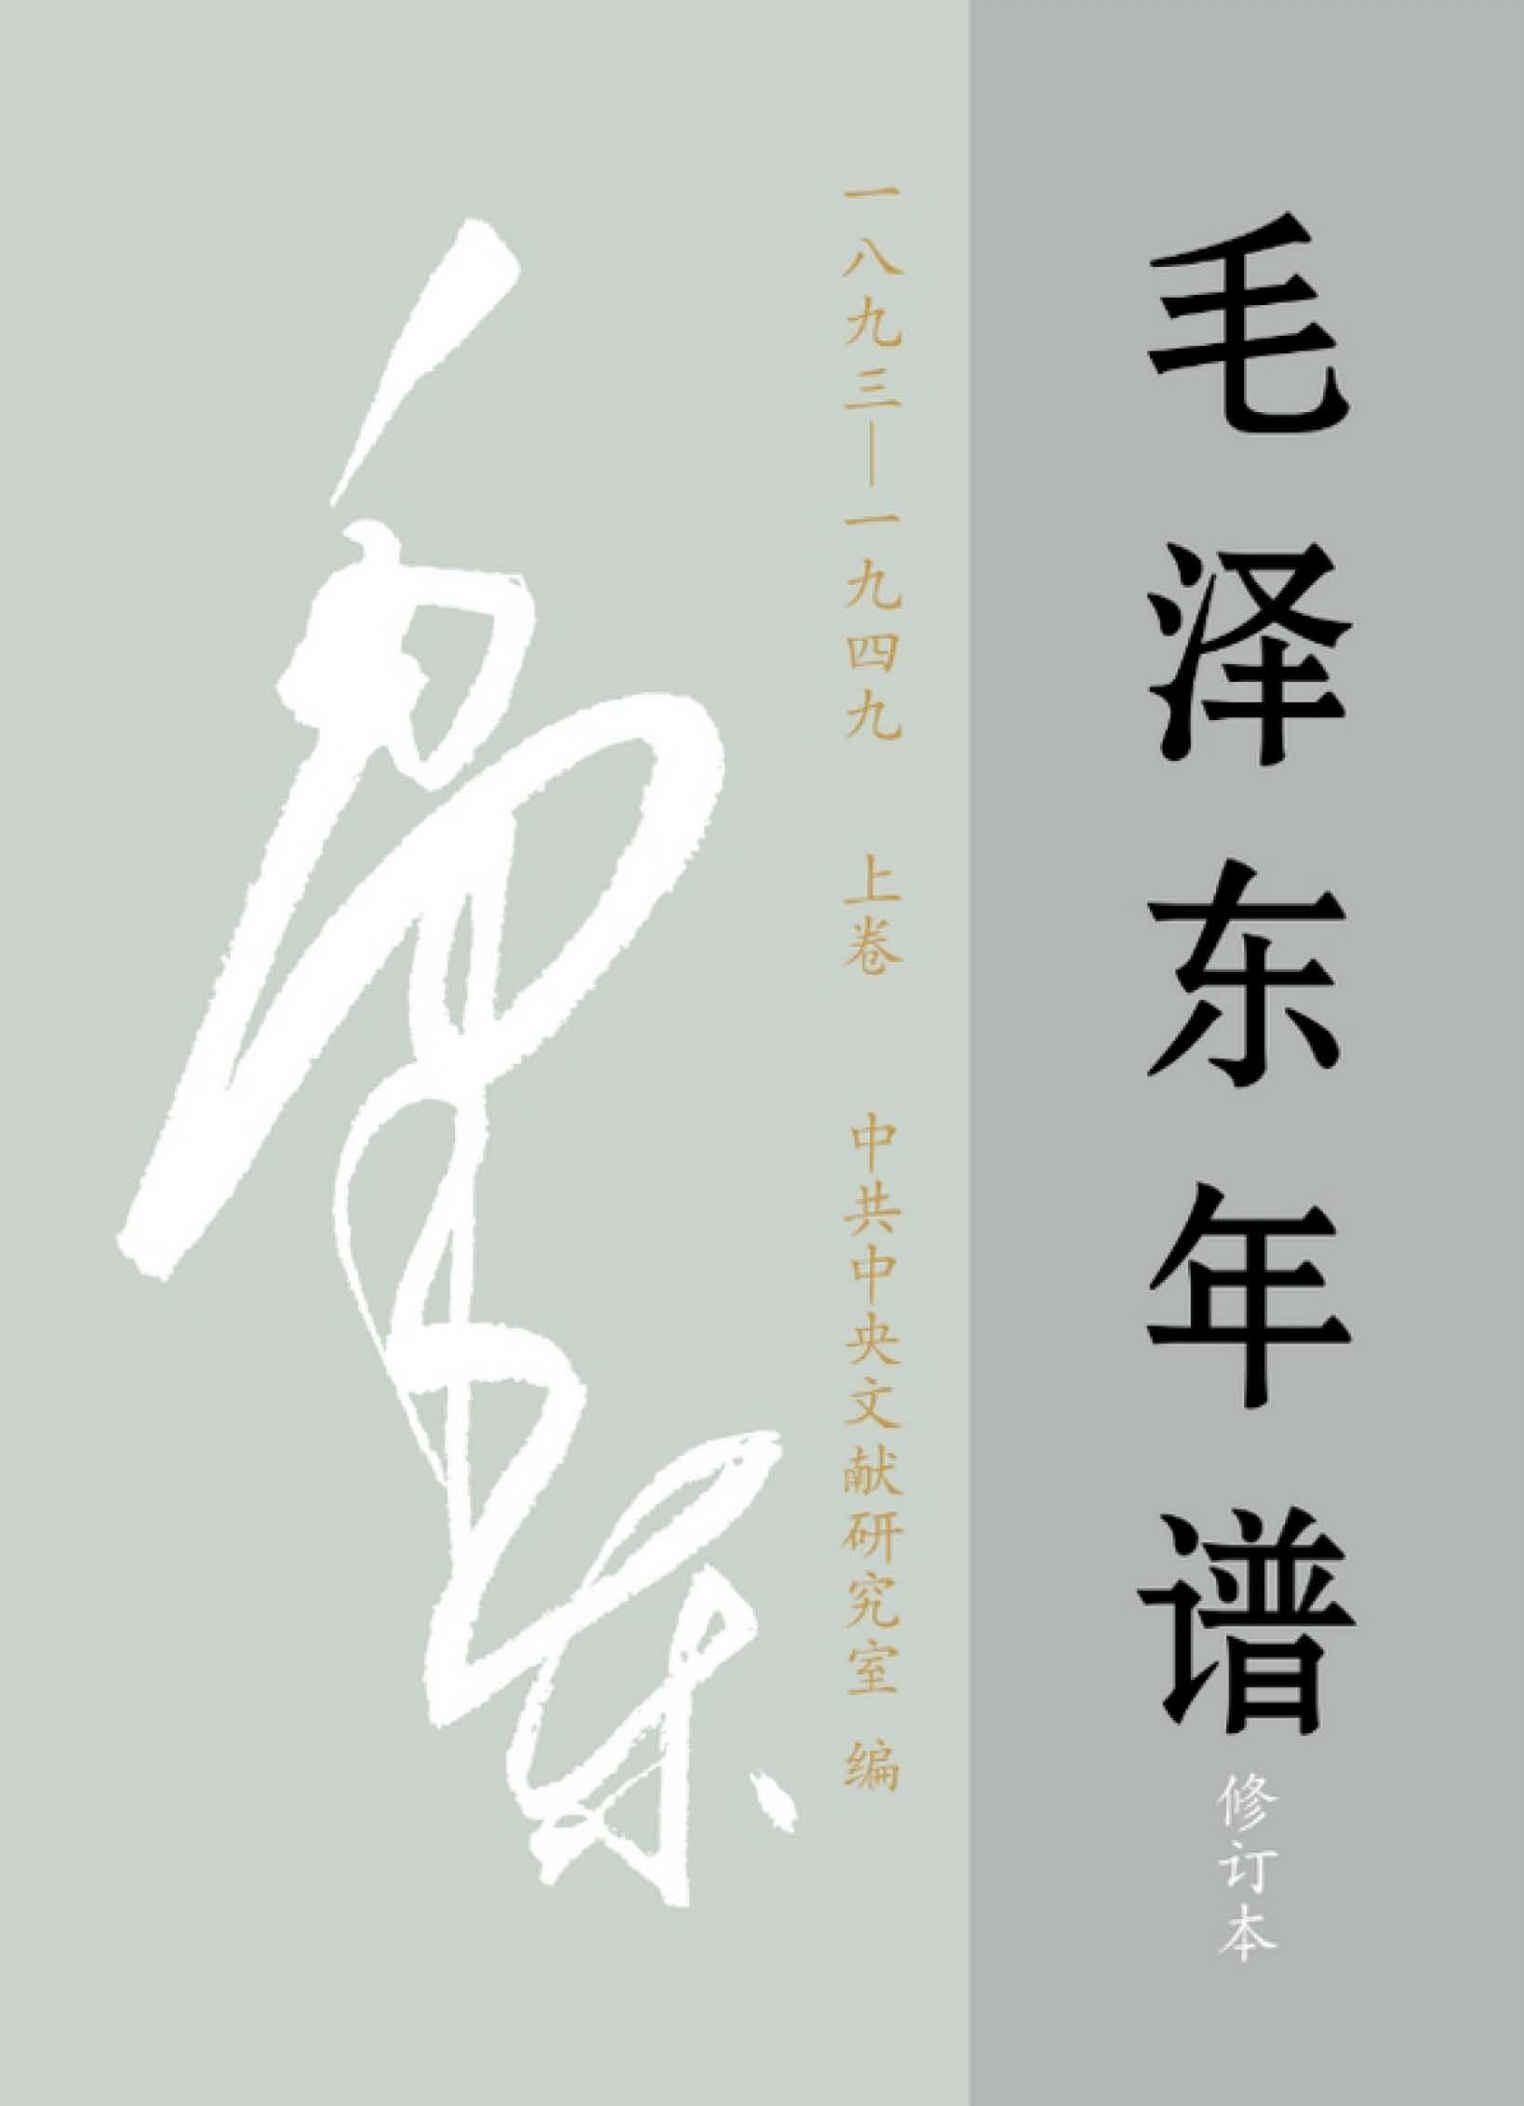 毛泽东年谱(1893~1949)上中下三册修订本